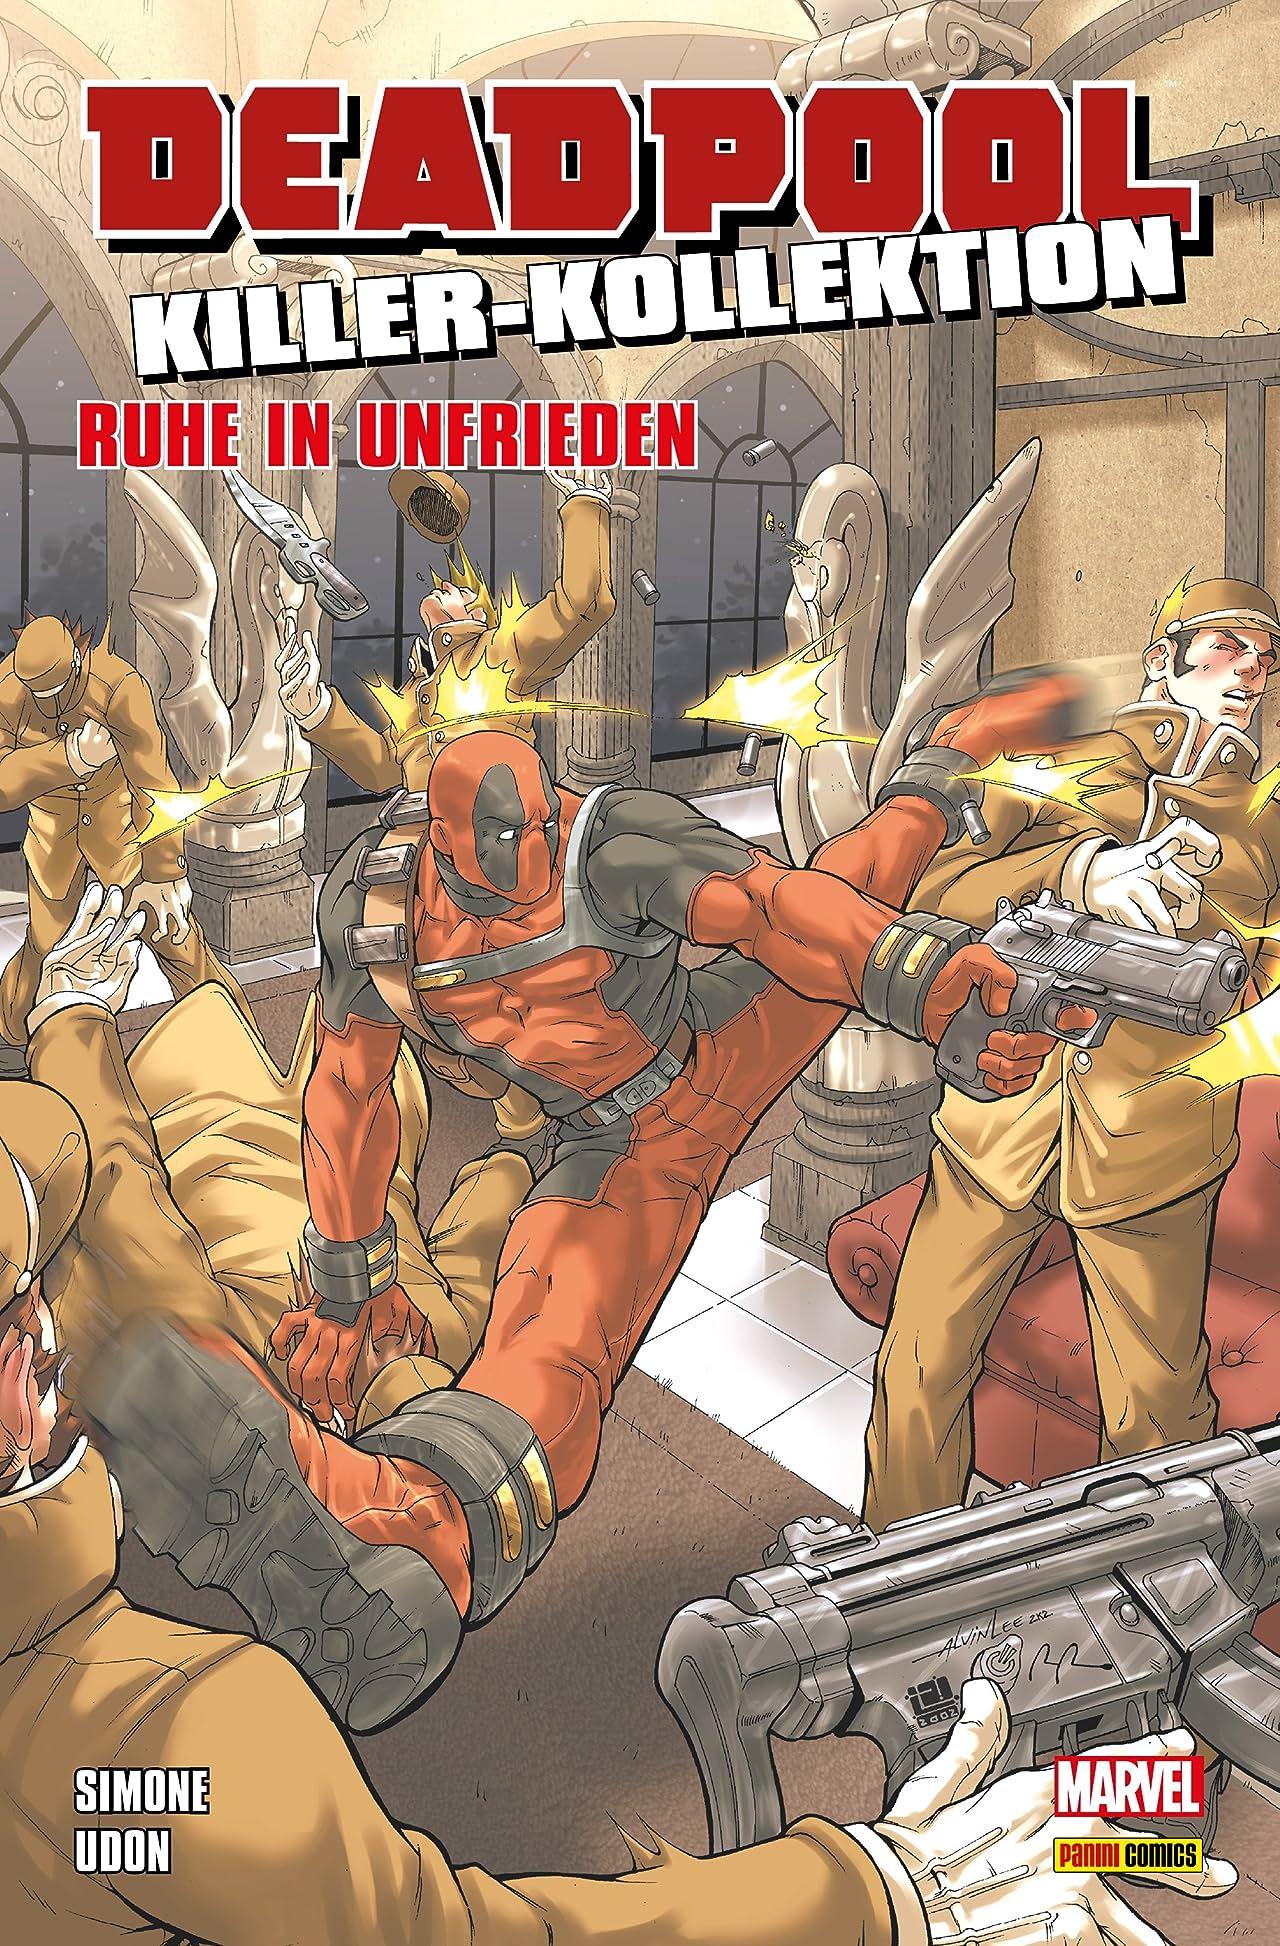 Deadpool Killer-Kollektion Vol. 14: Ruhe in Unfrieden